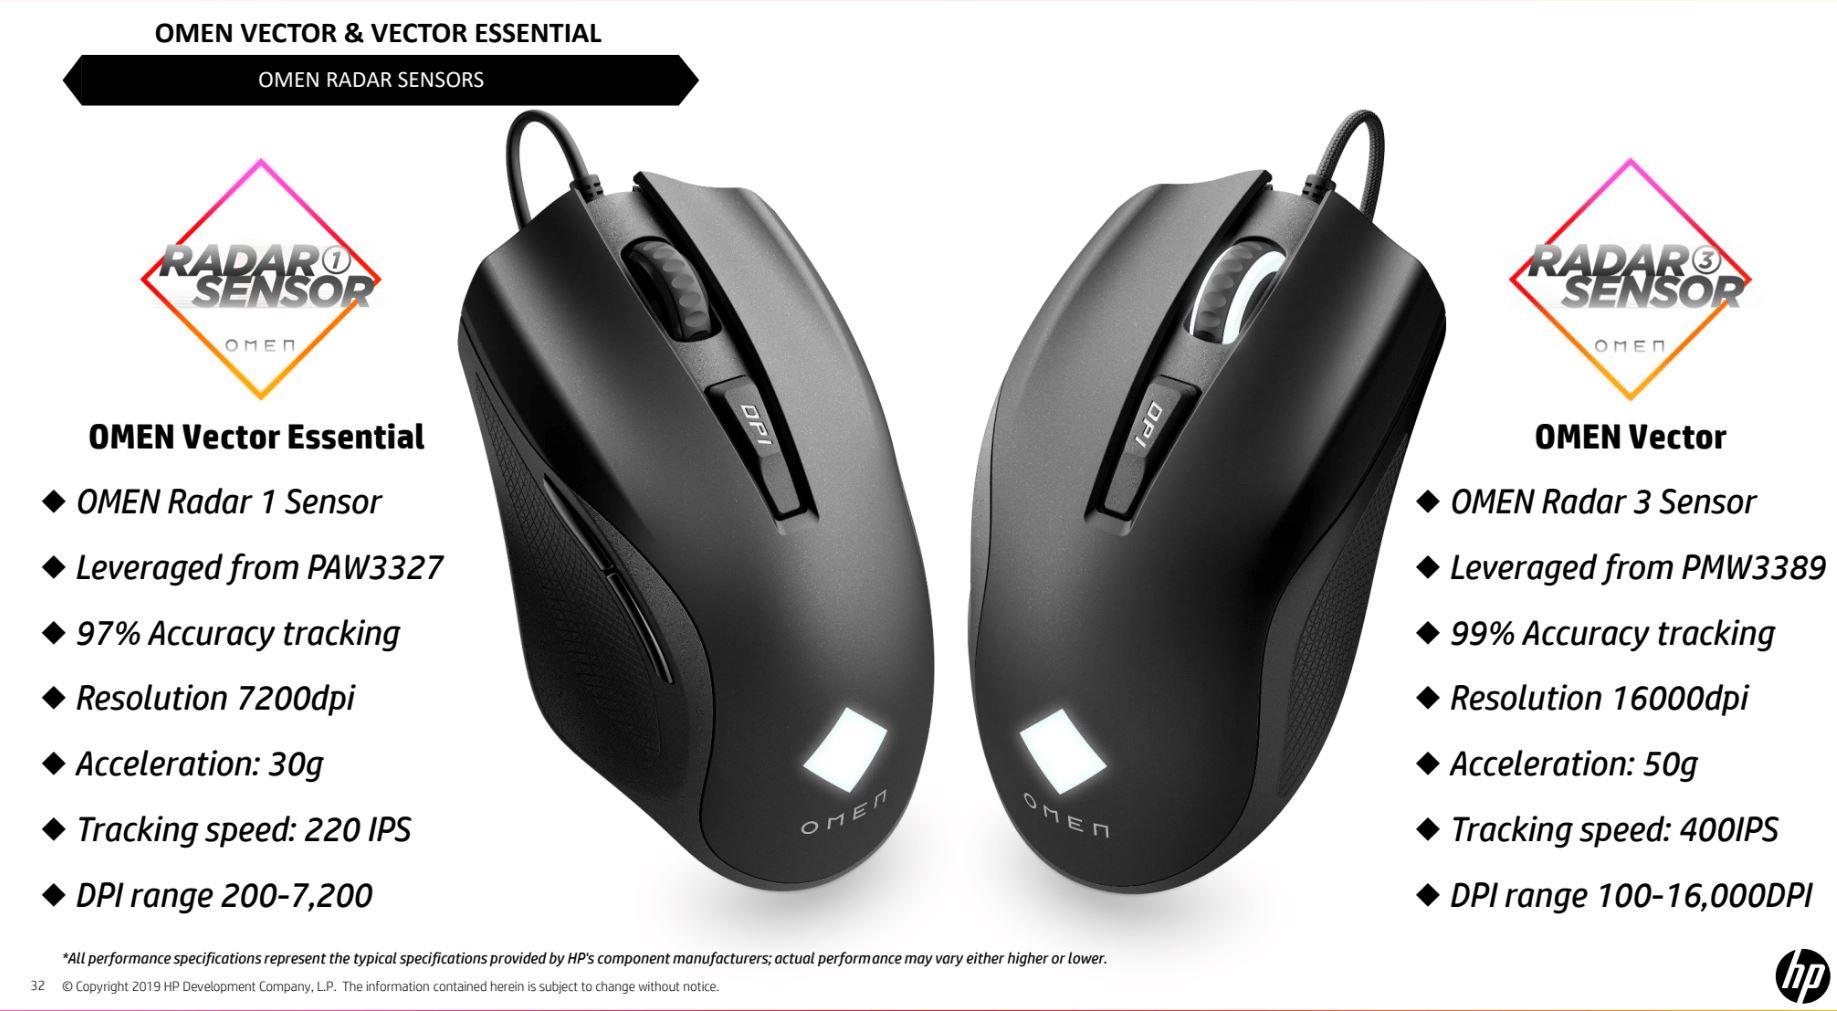 HP Omen vector caratteristiche